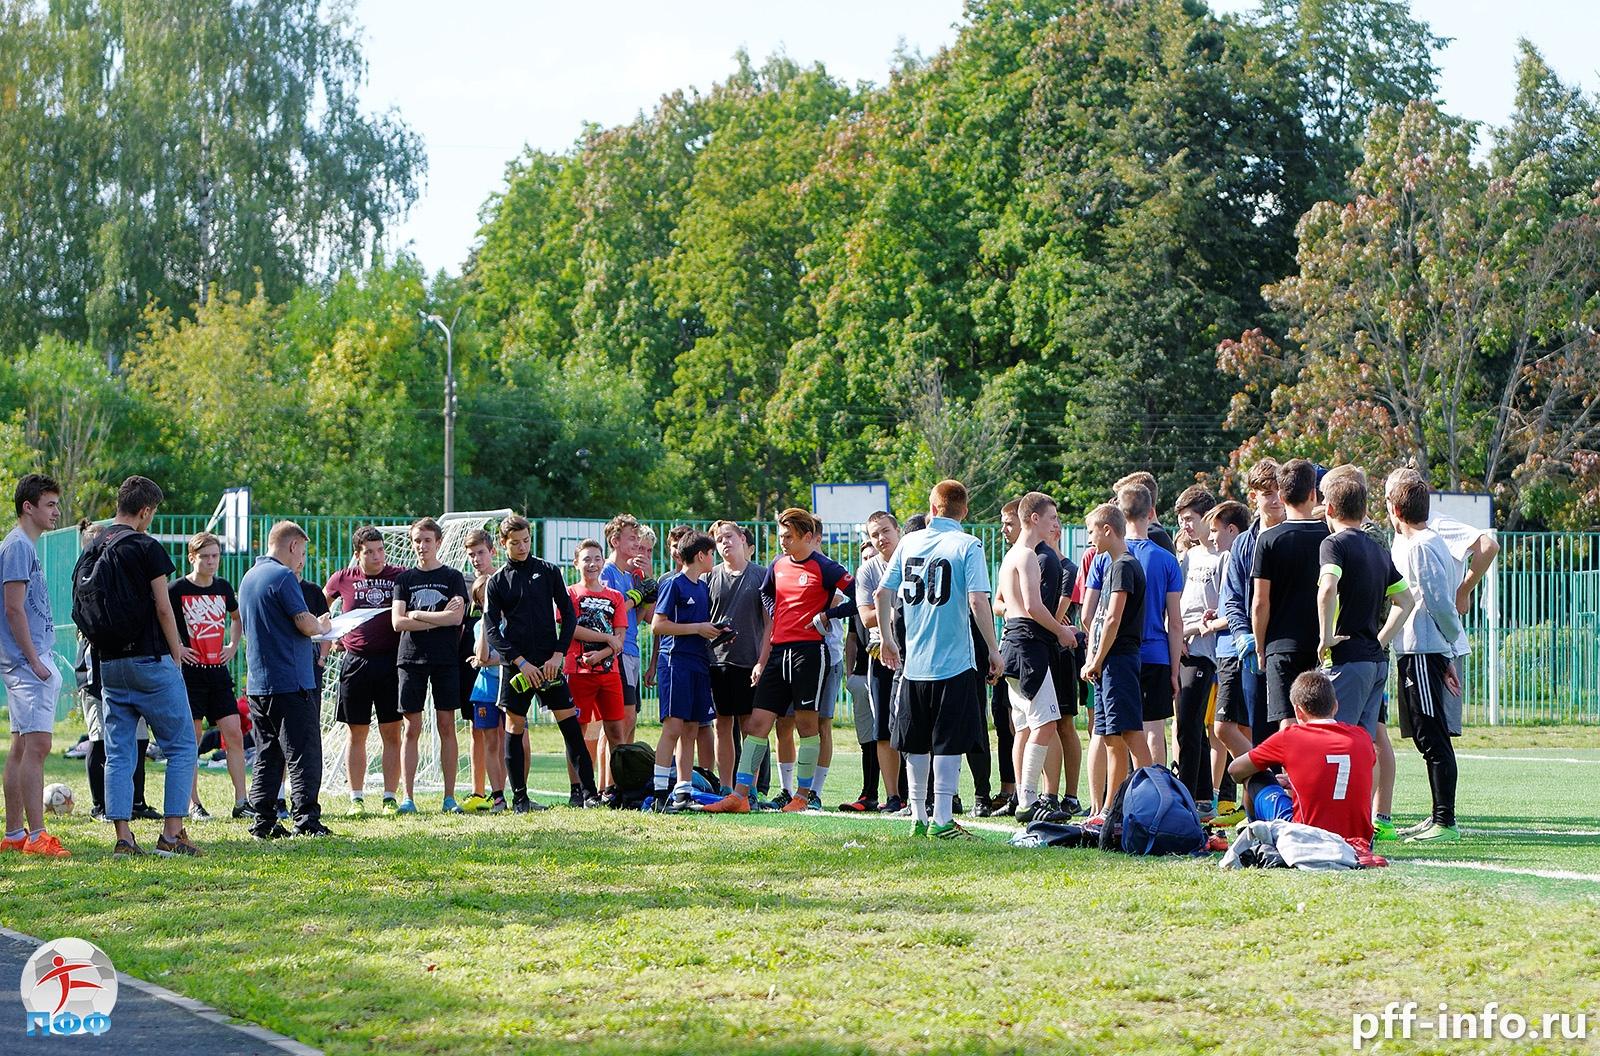 Короли дворовых площадок: завершение летнего футбольного сезона